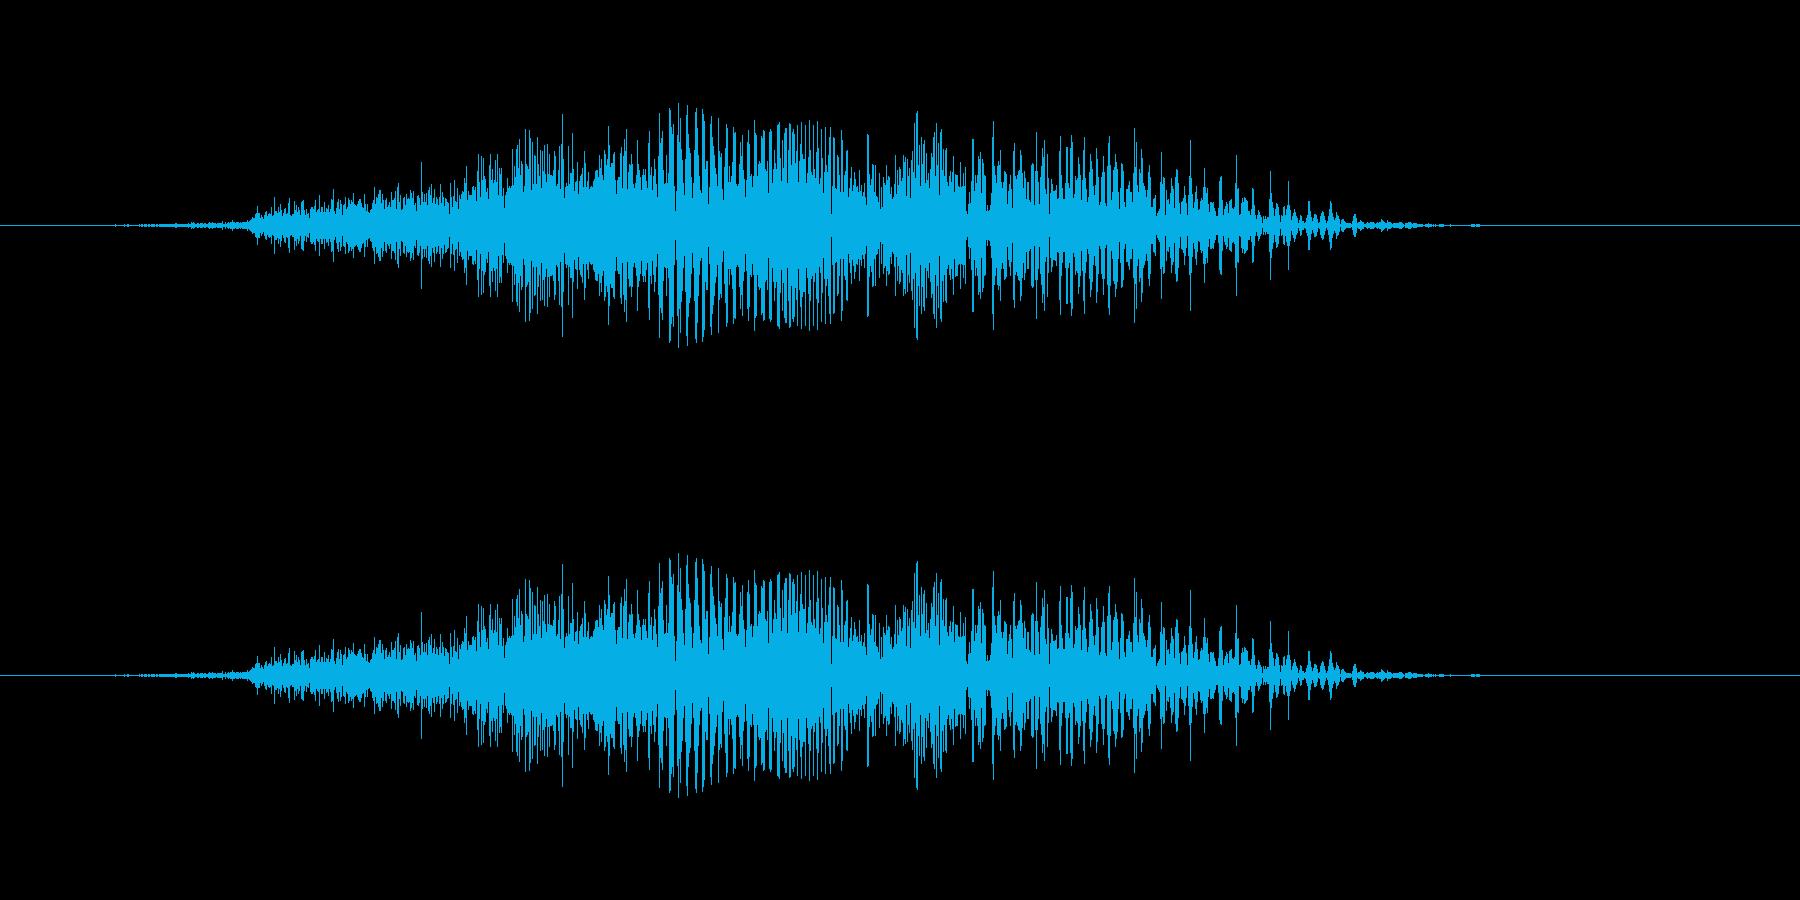 さぁ!! - 男性和風掛け声の再生済みの波形